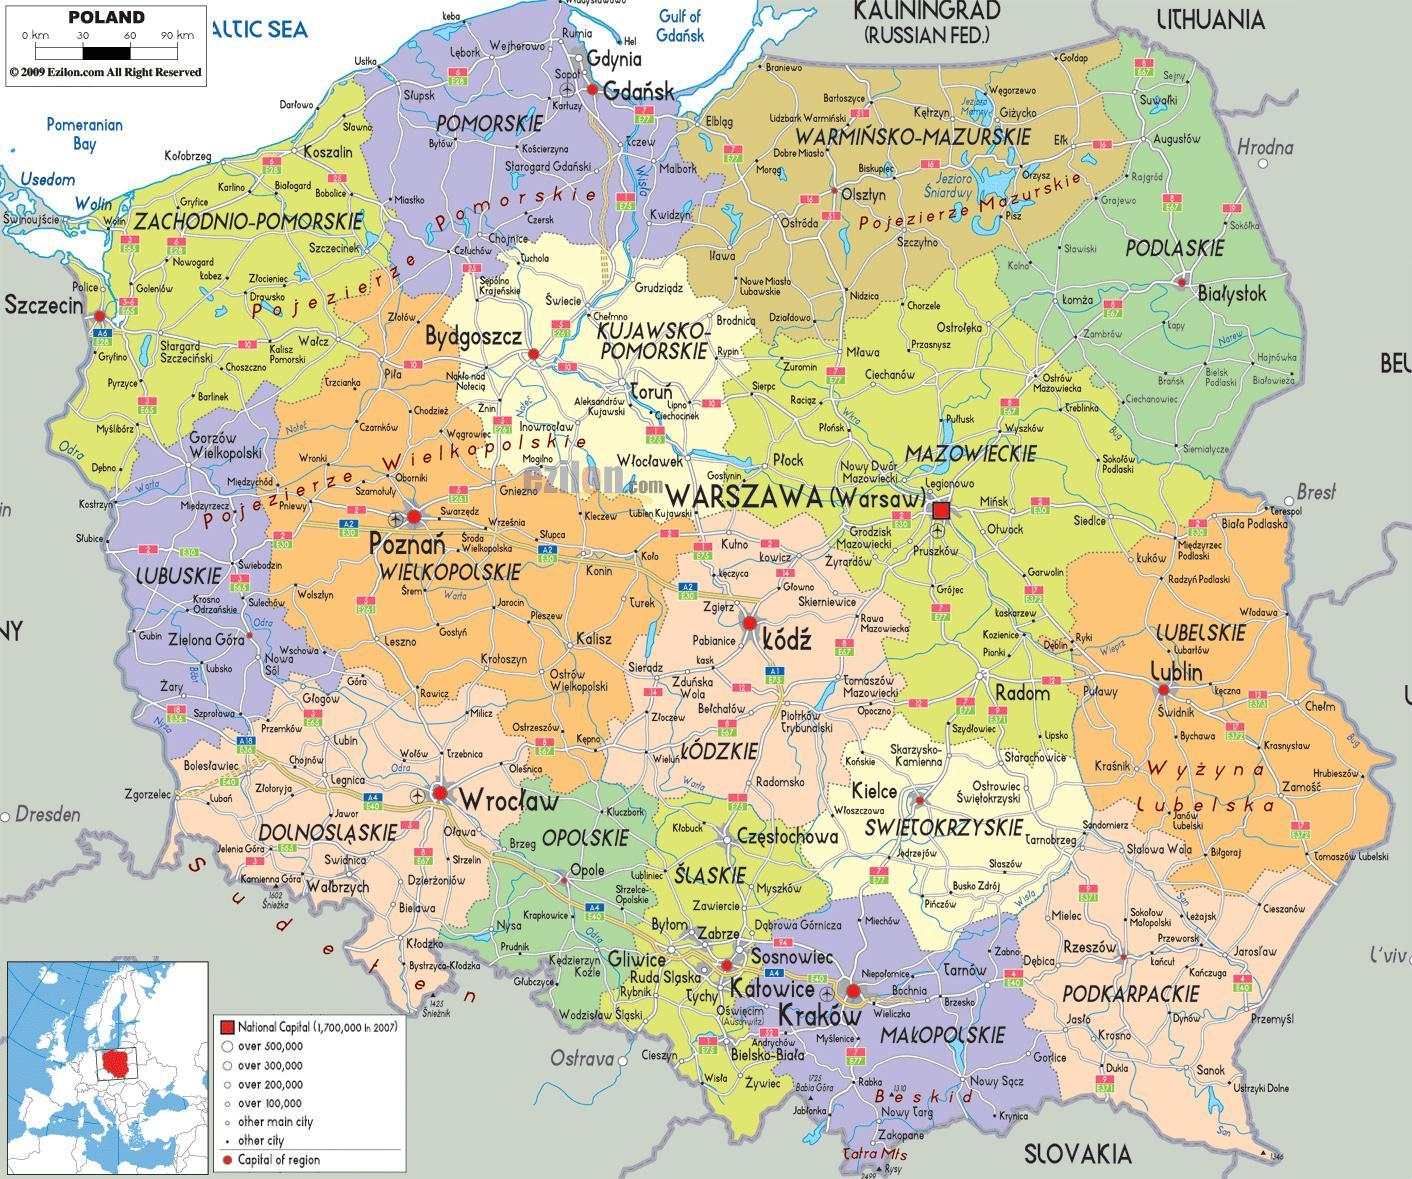 Karte Von Europa Mit Städten.Karte Von Polen Mit Städten Karte Von Polen Mit Städten In